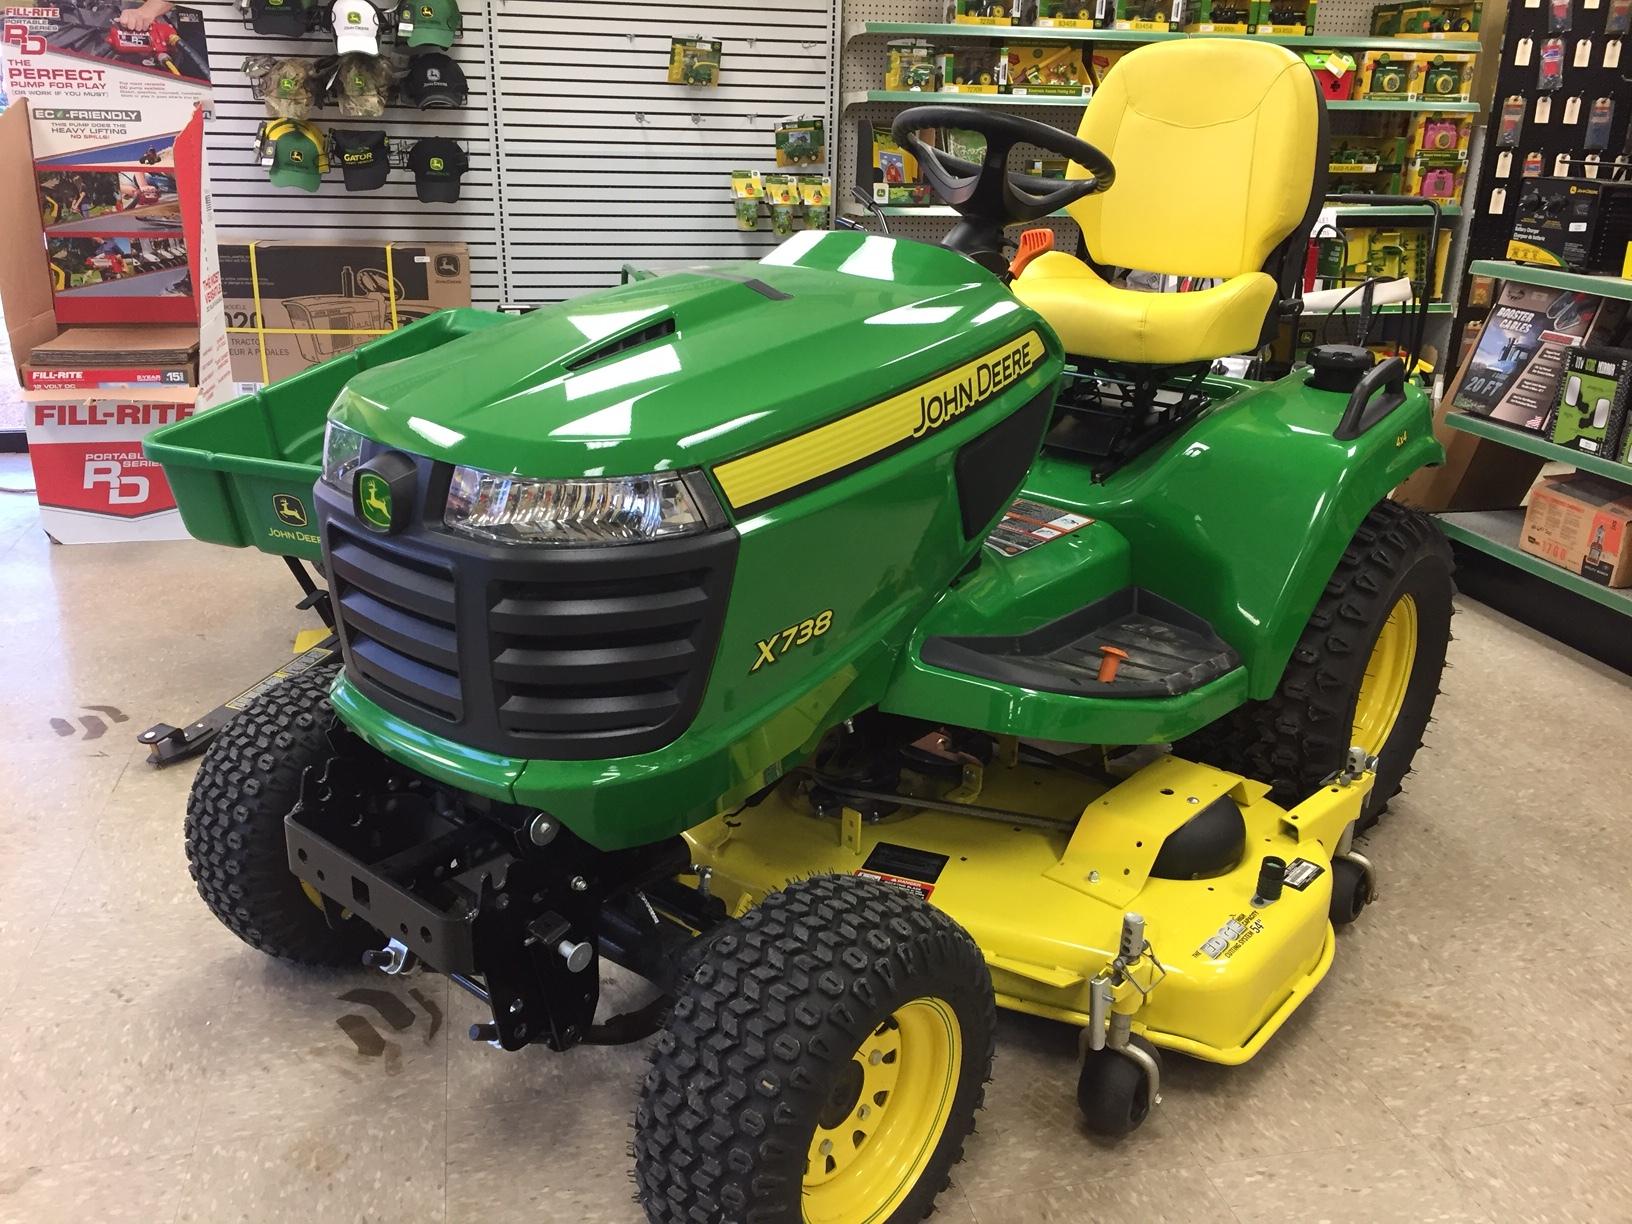 John Deere X738 Lawn Garden Tractors For Sale 65621